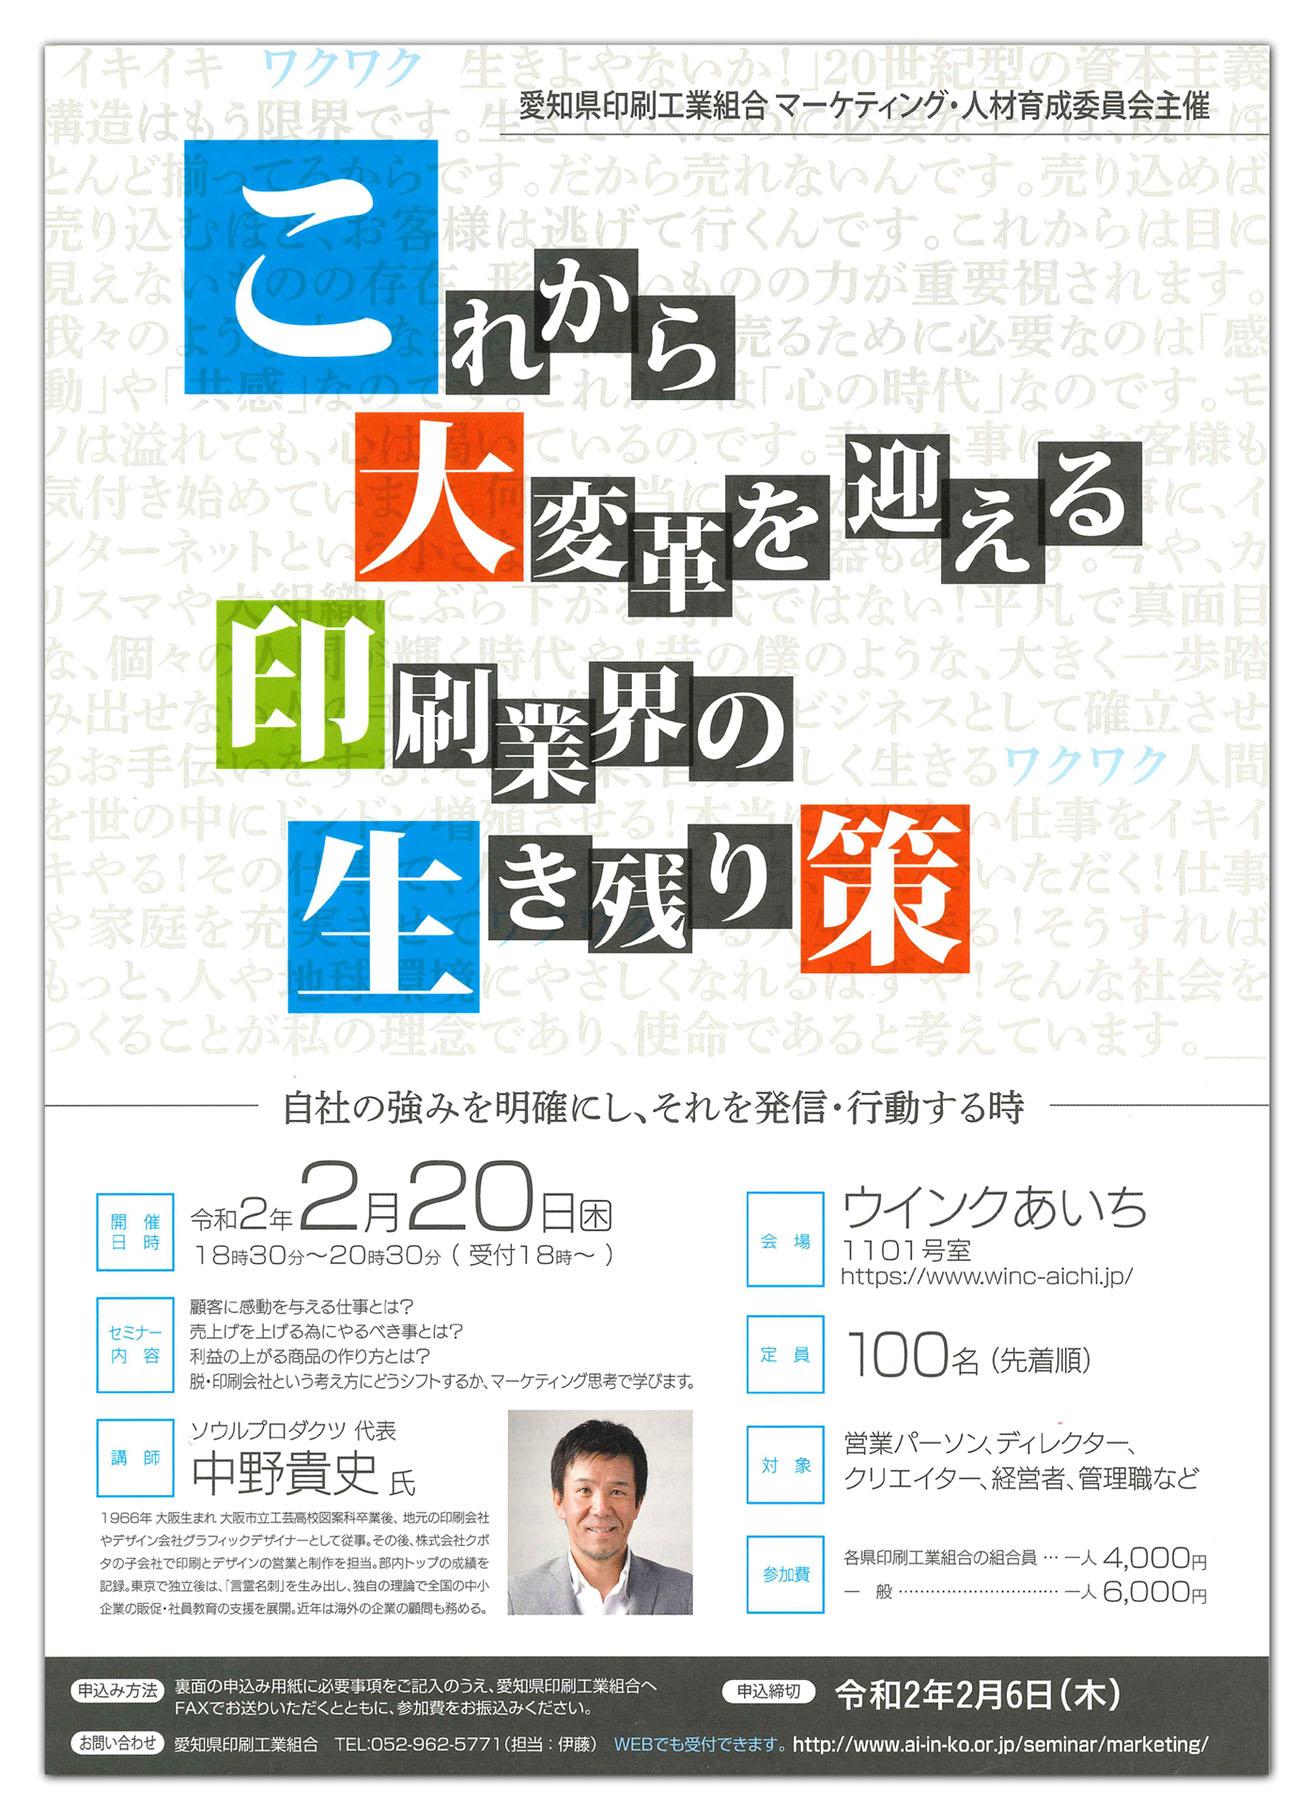 愛知県工組チラシ-1